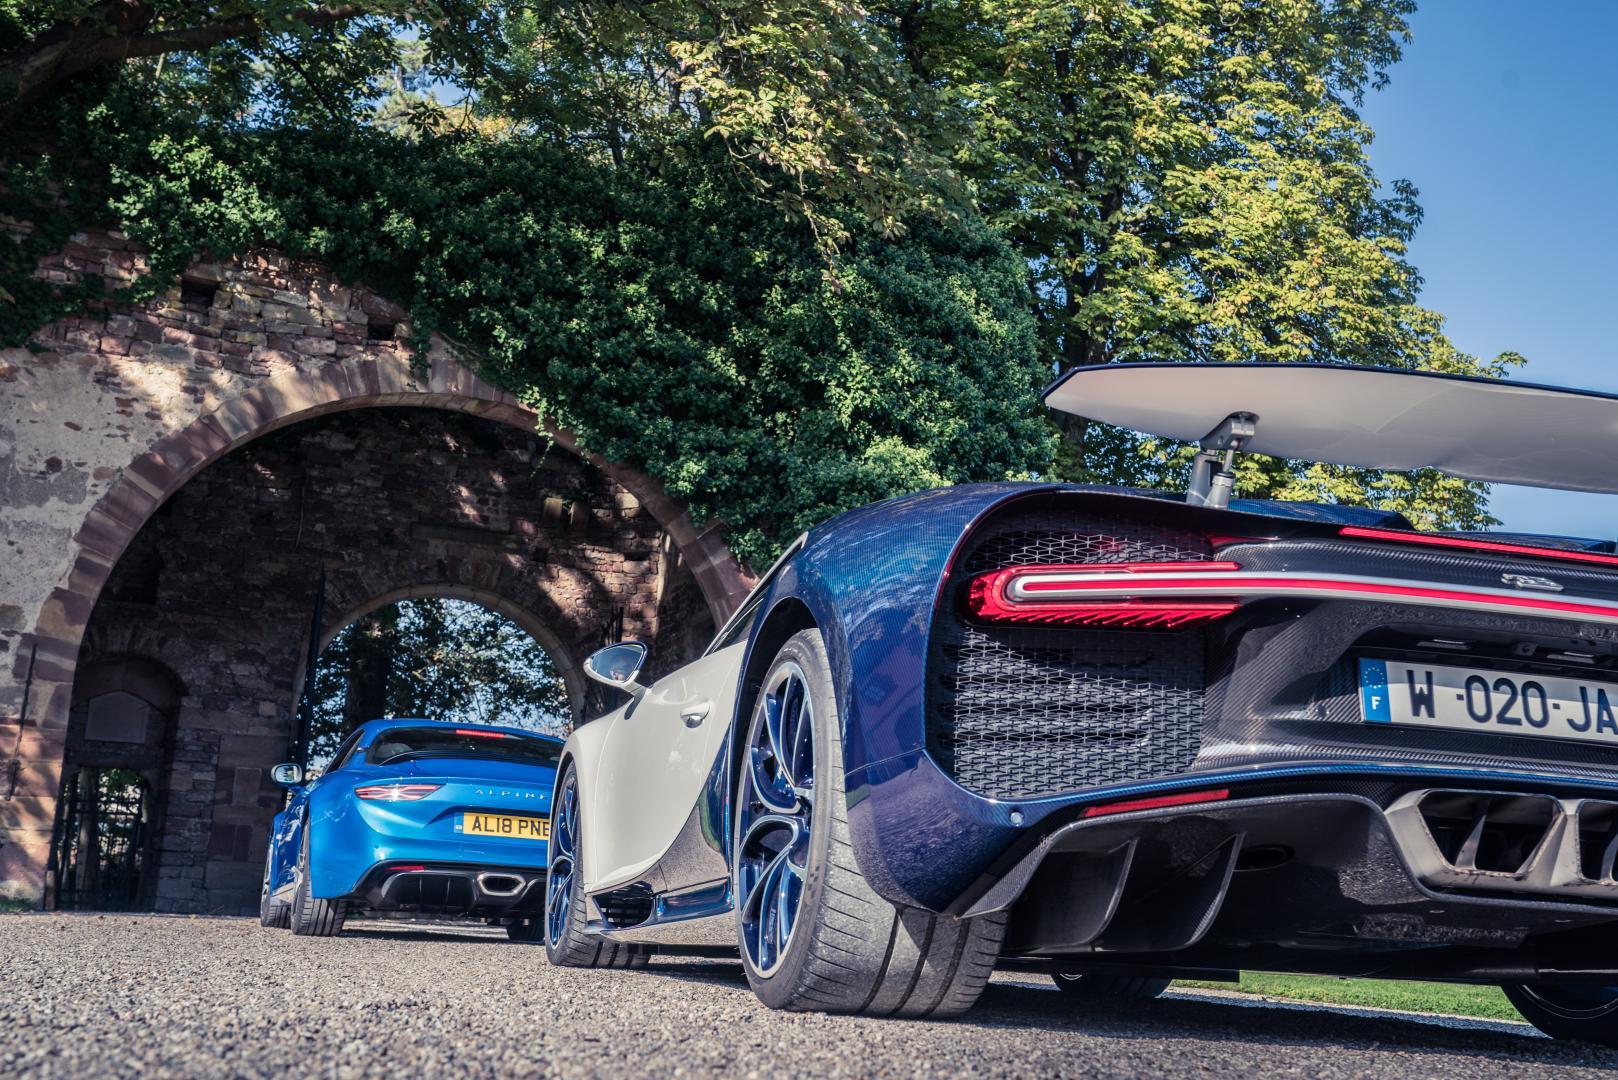 Bugatti Chiron vs Alpine A1102